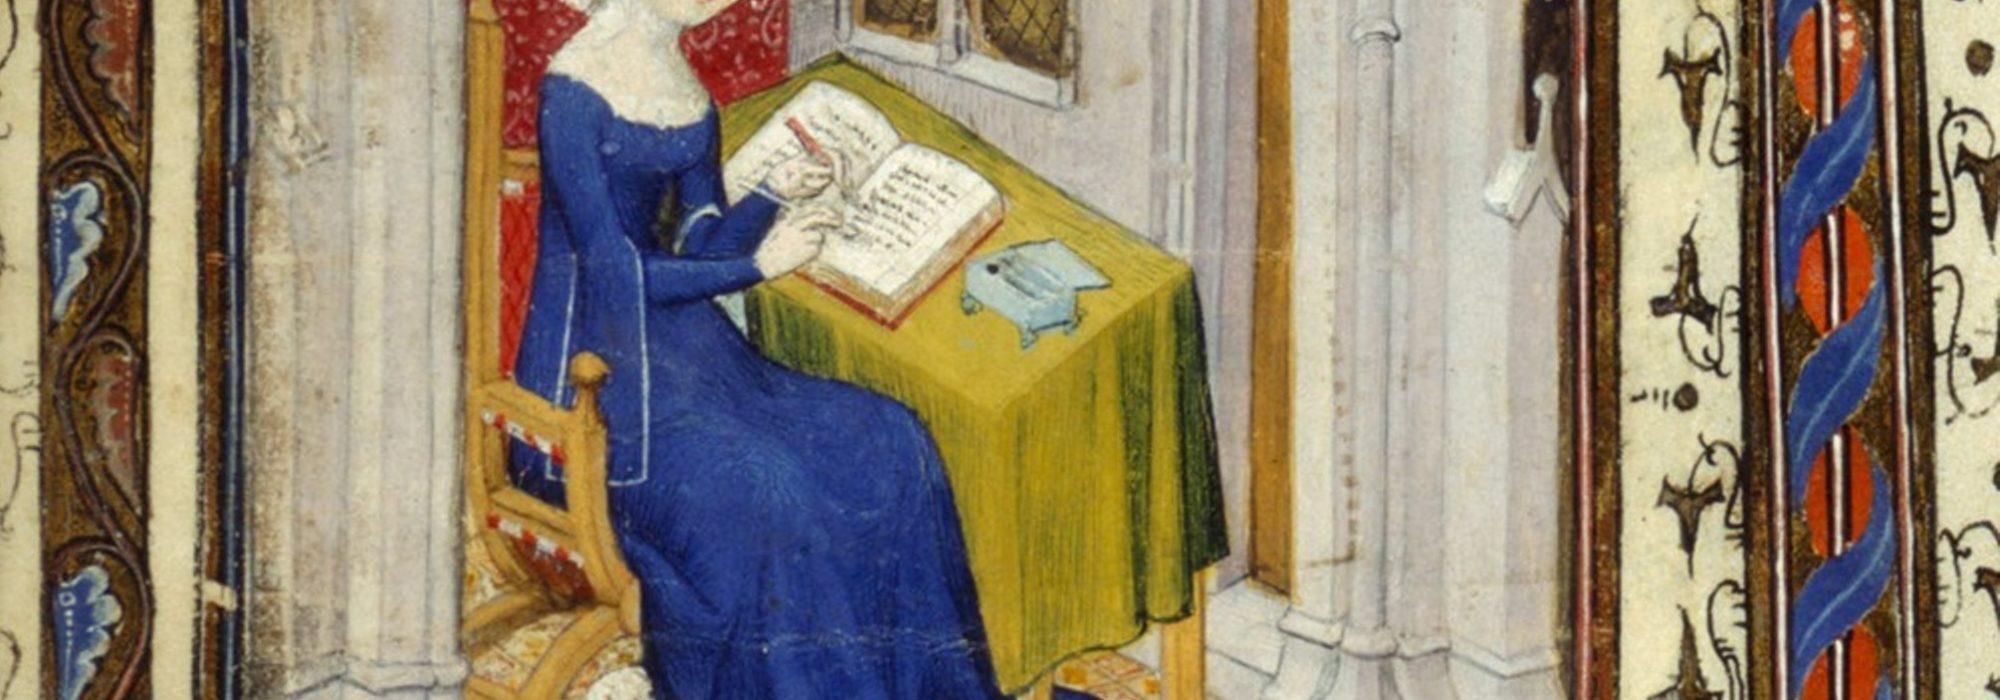 Imagem: miniatura de Christine de Pizan, filósofa e poeta francesa (British Library/reprodução)